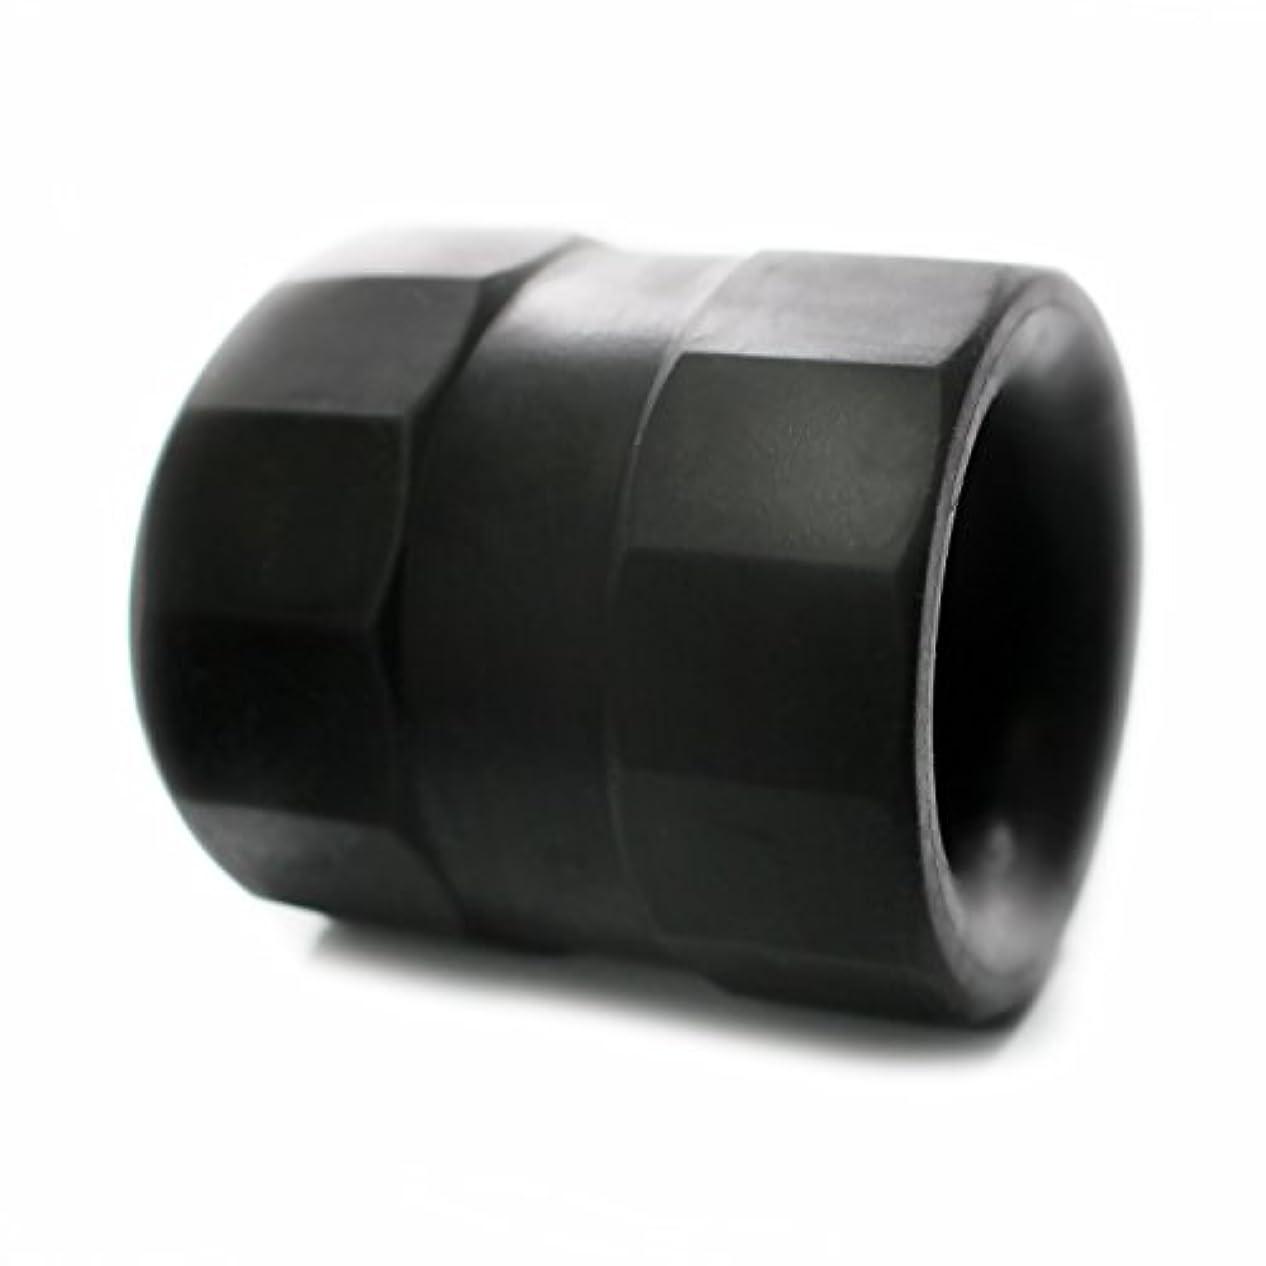 花束こねる同盟スーパーボールストレッチ TPE ボールストレッチャー コックリング 129 (ブラック)